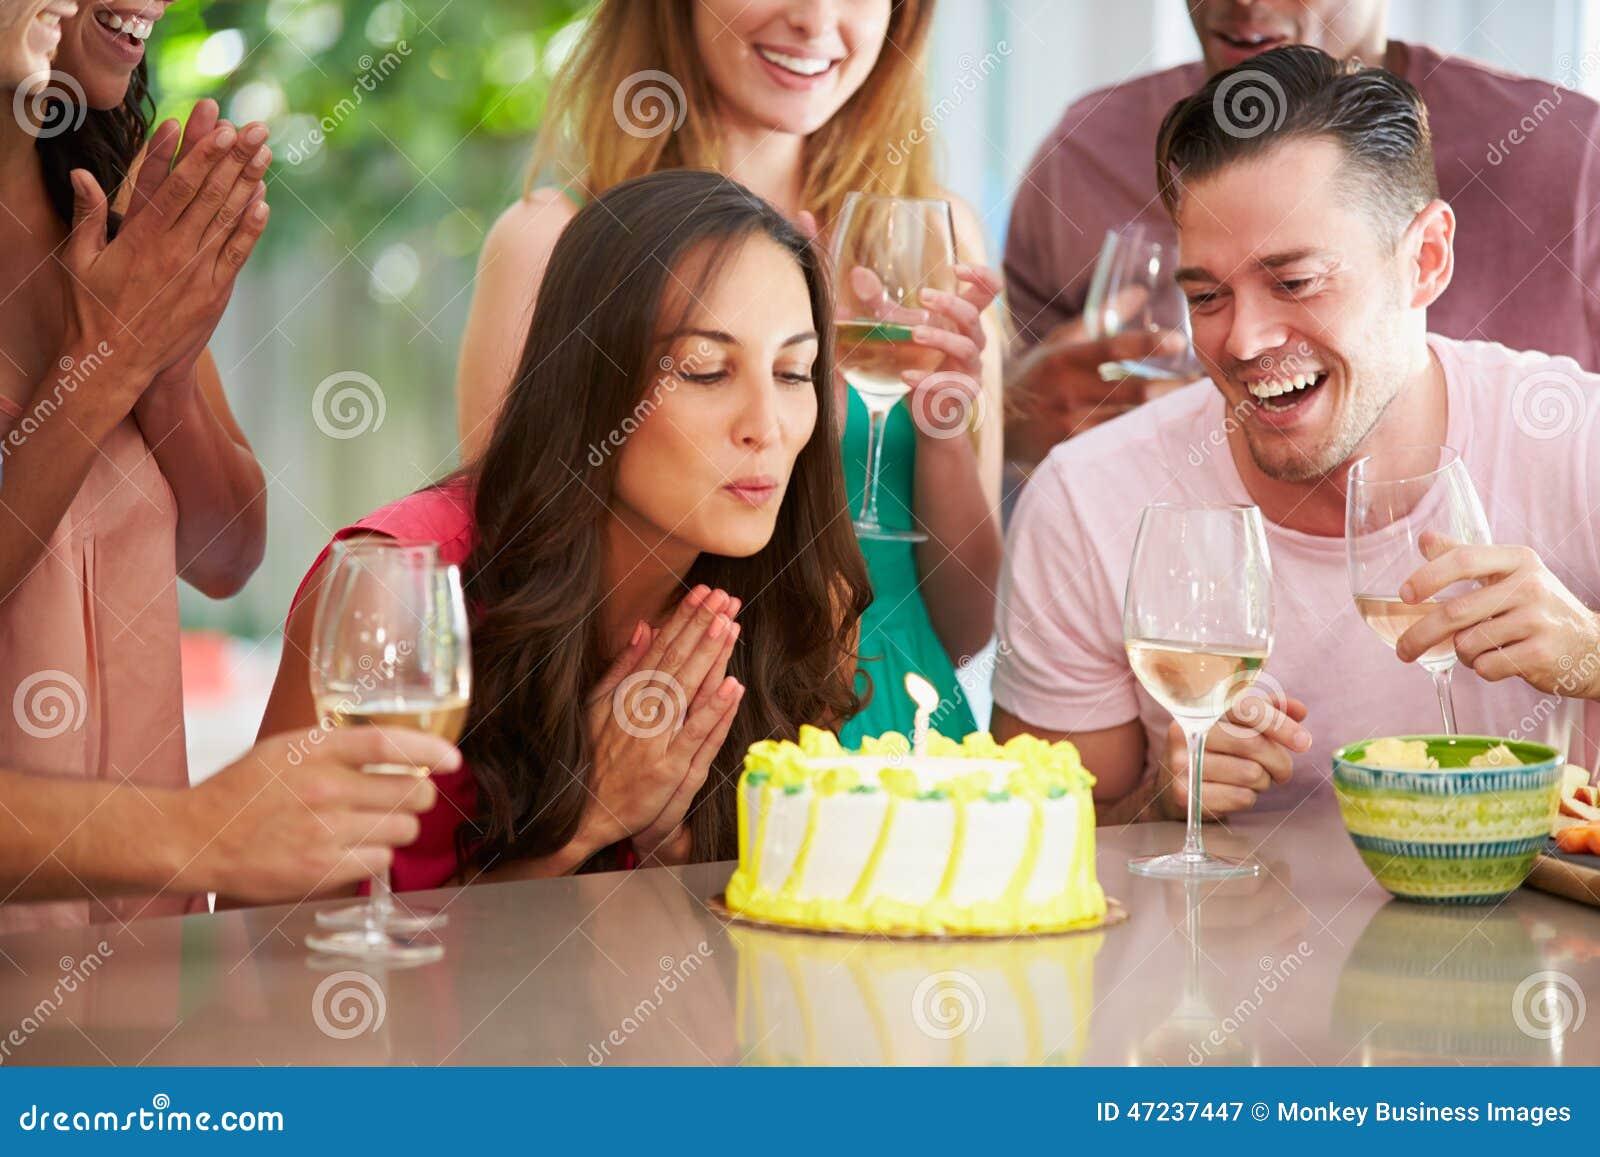 在家庆祝生日的小组朋友